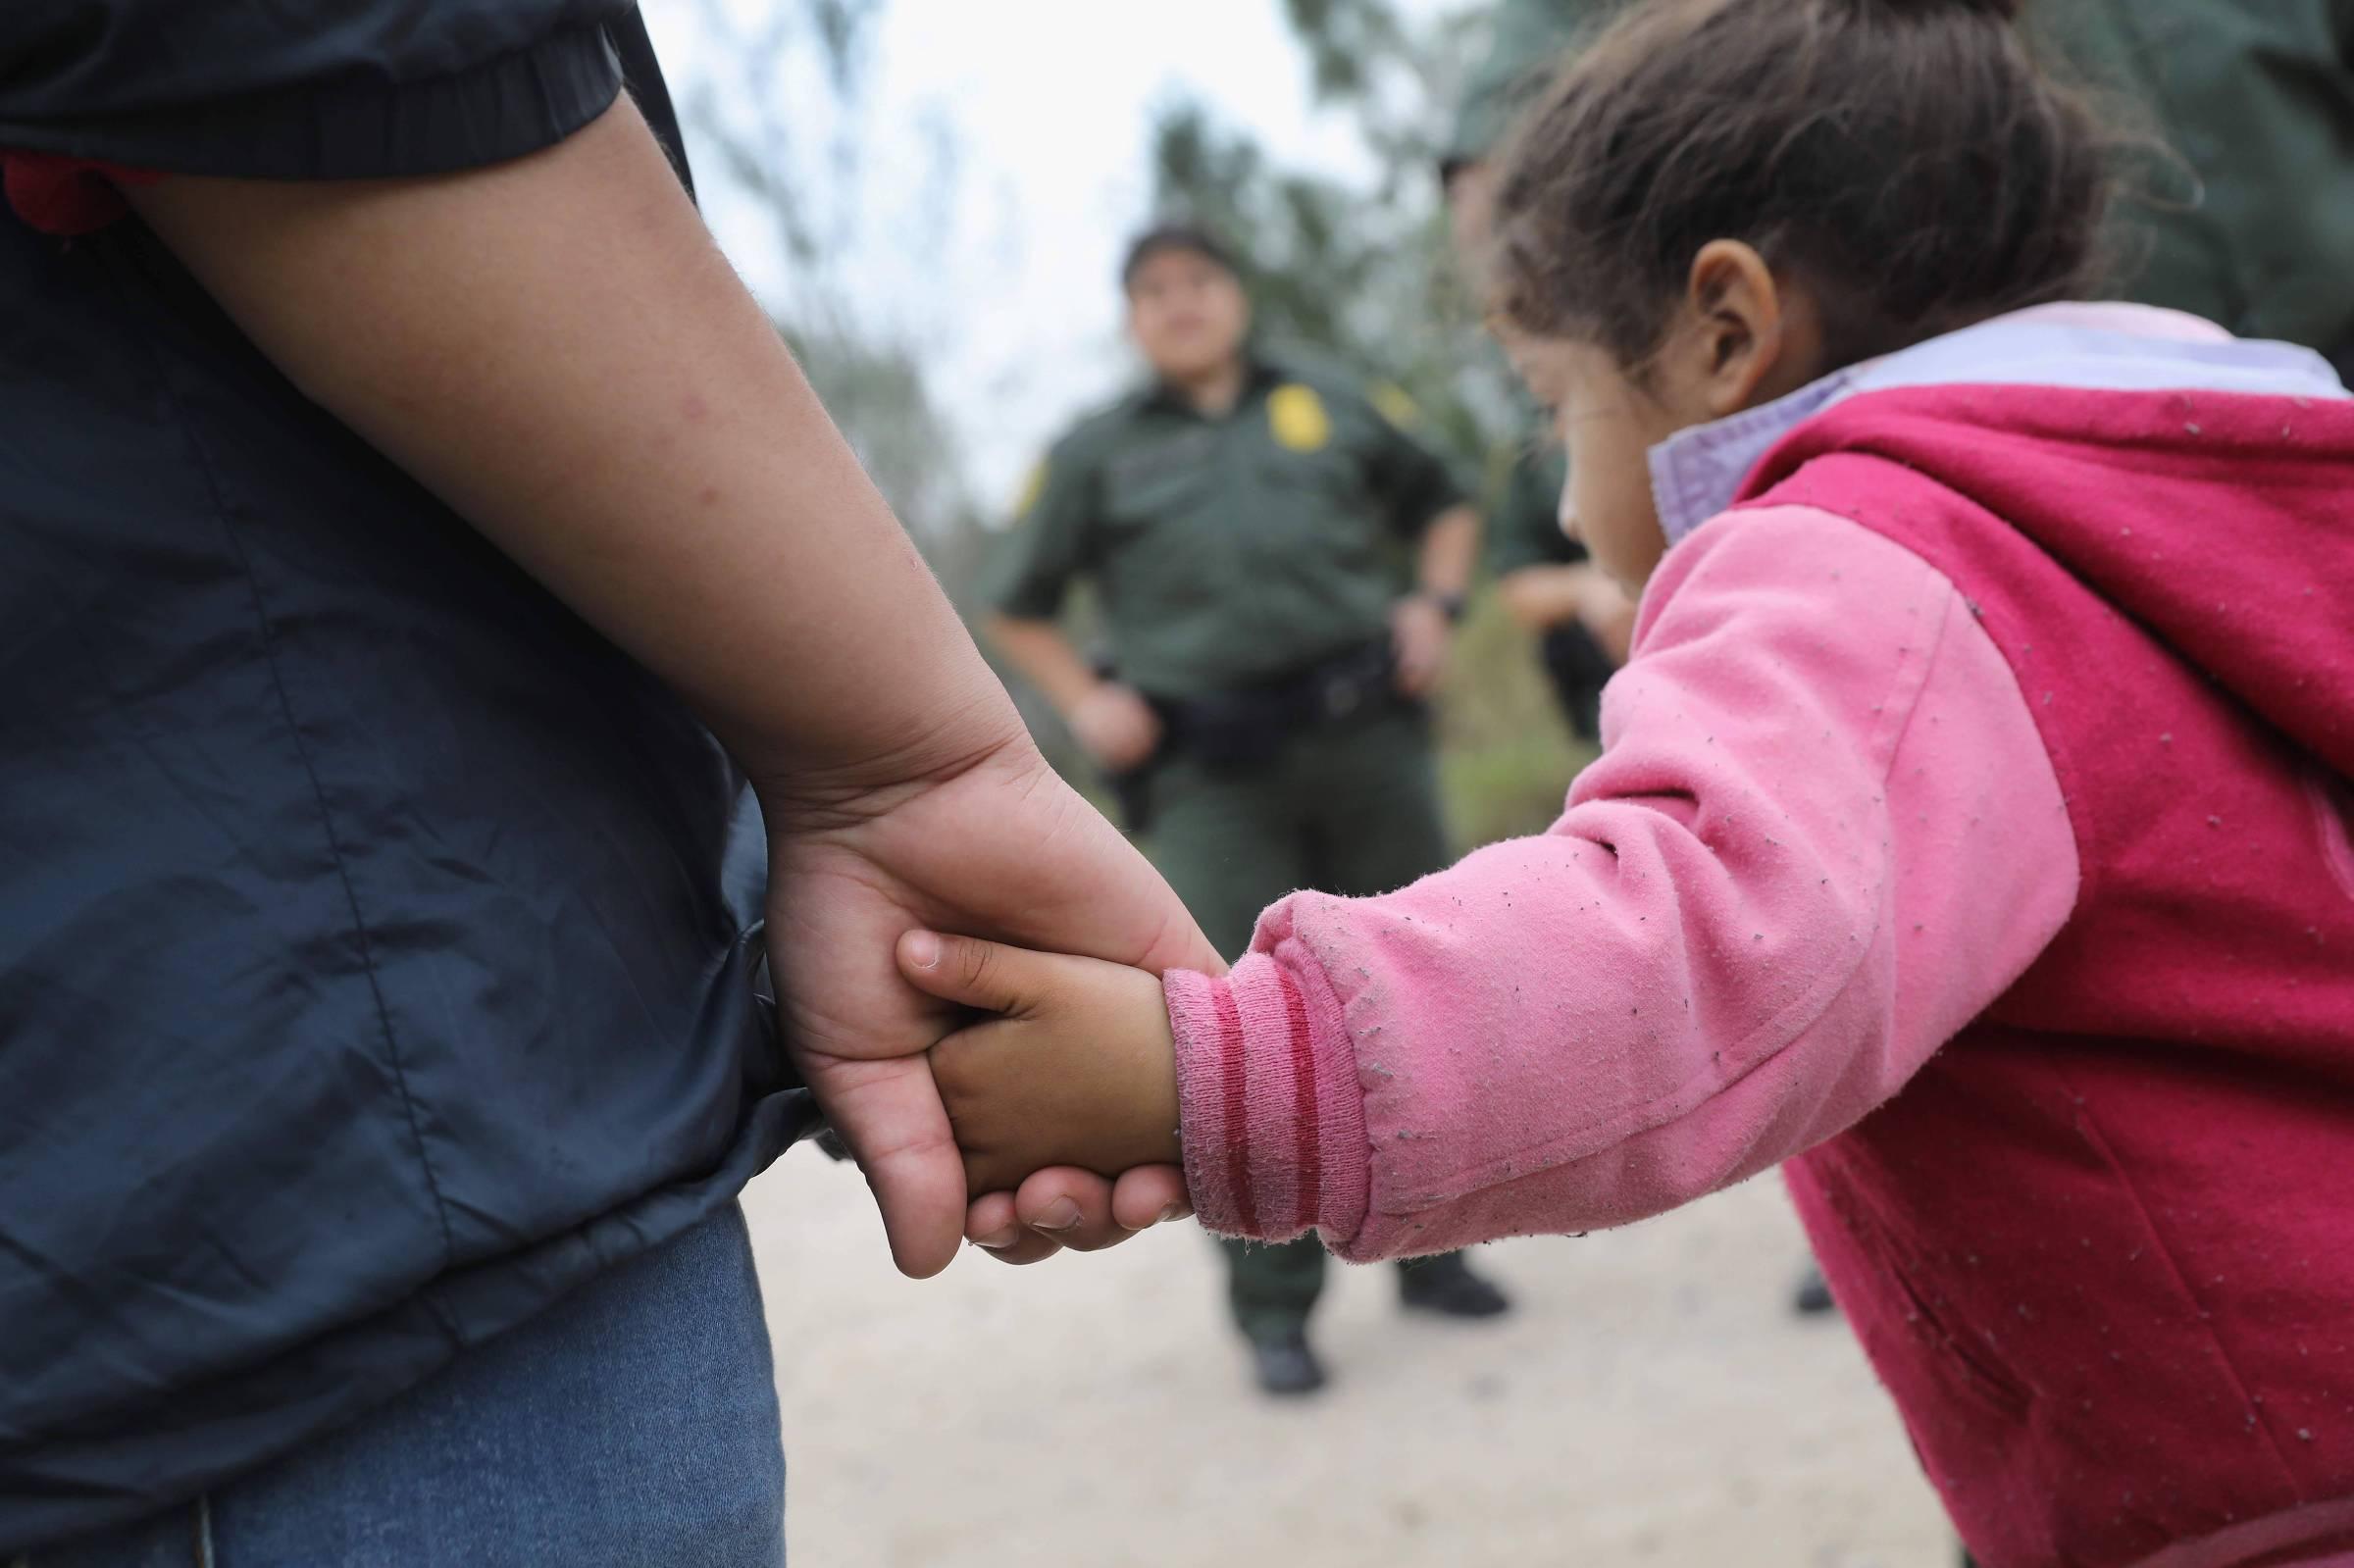 608f7d60d Governo americano separou 2.000 filhos de imigrantes ilegais em 6 semanas -  15 06 2018 - Mundo - Folha